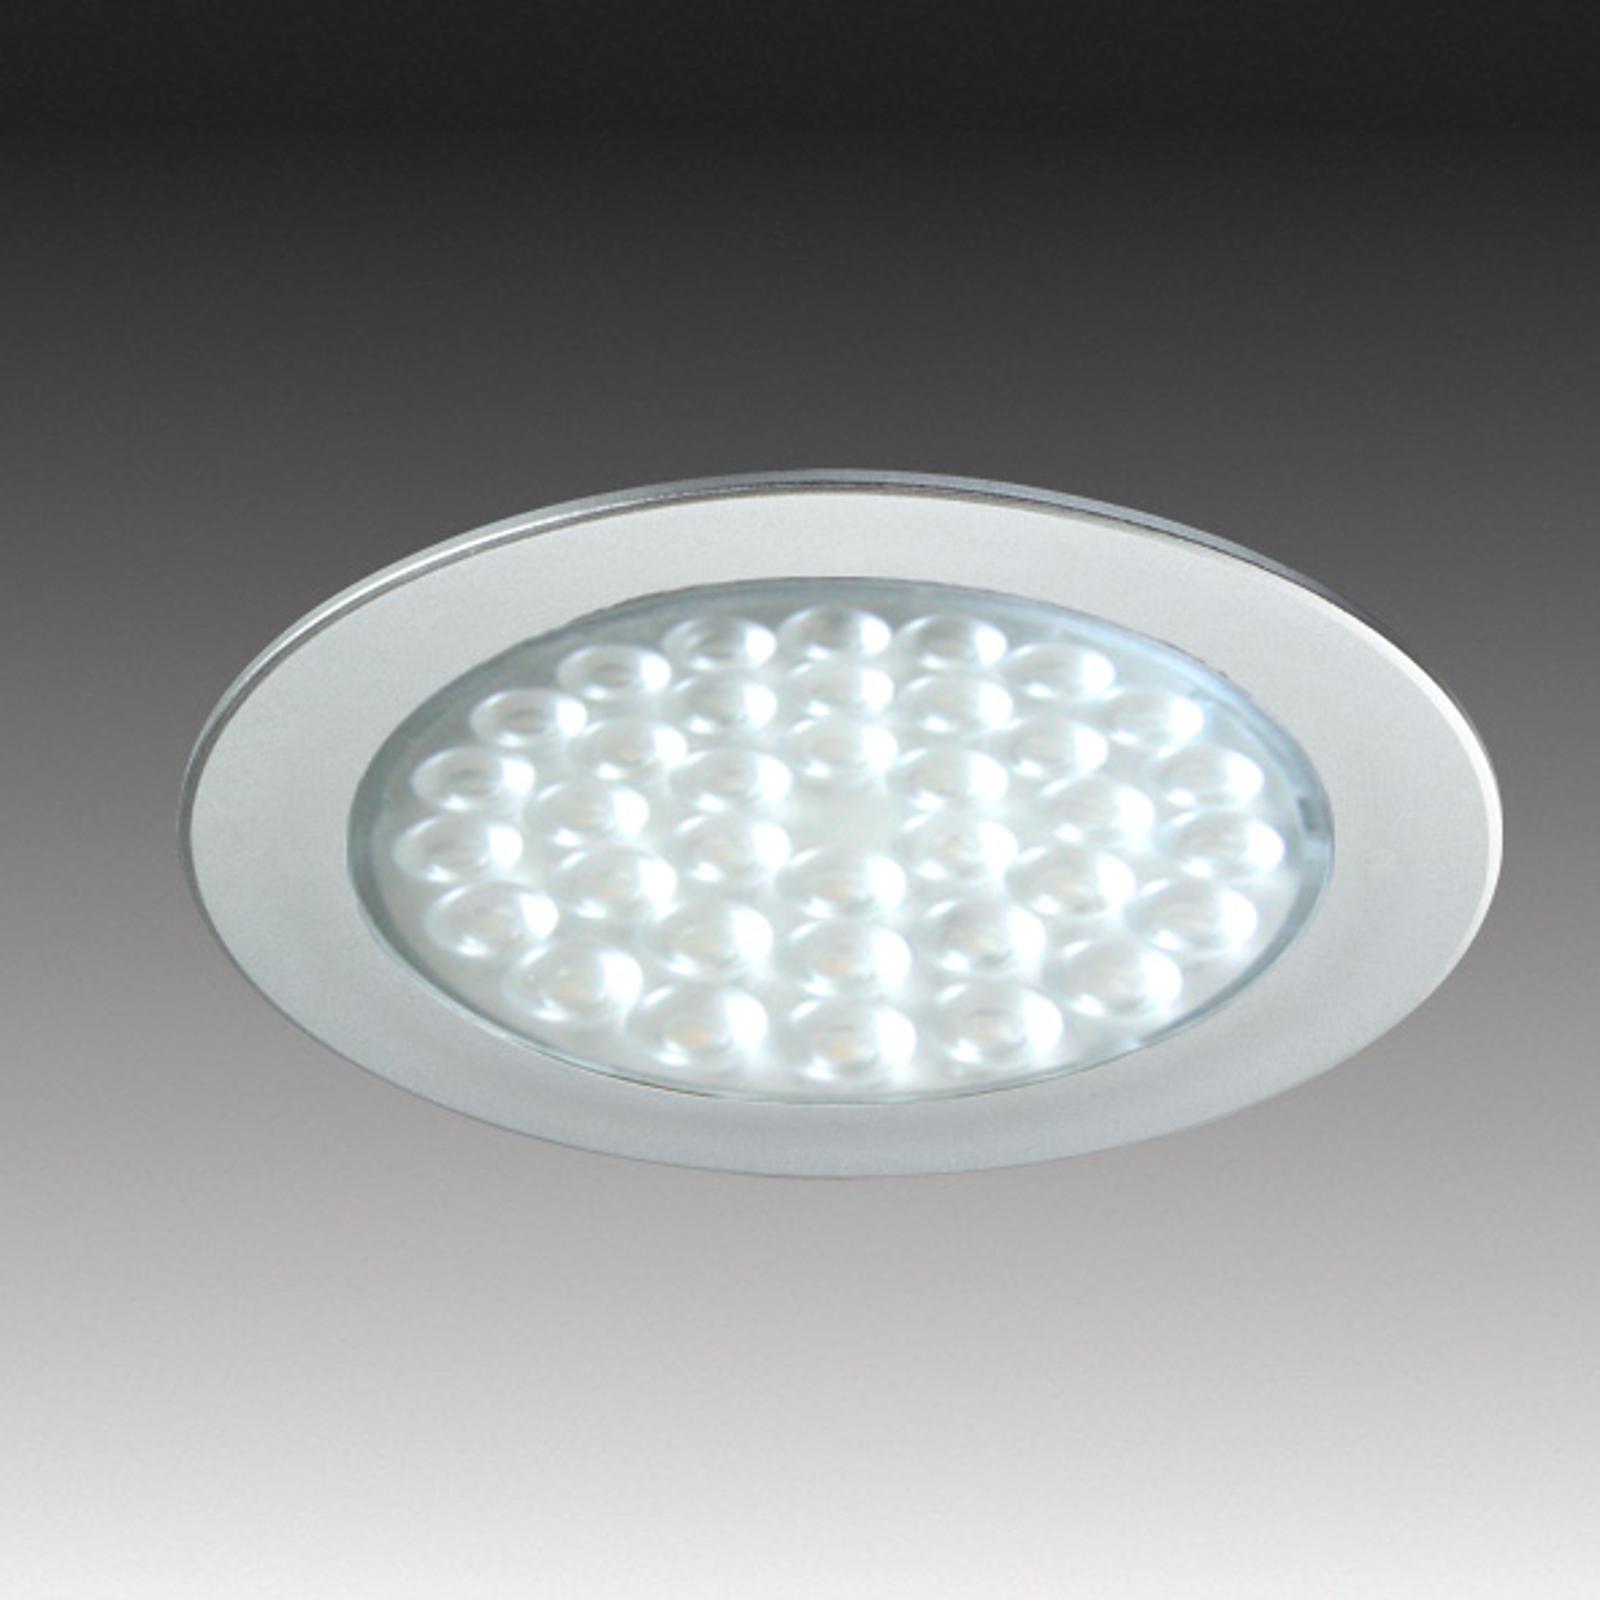 R 68 spot LED da incasso in ottica acciaio inox